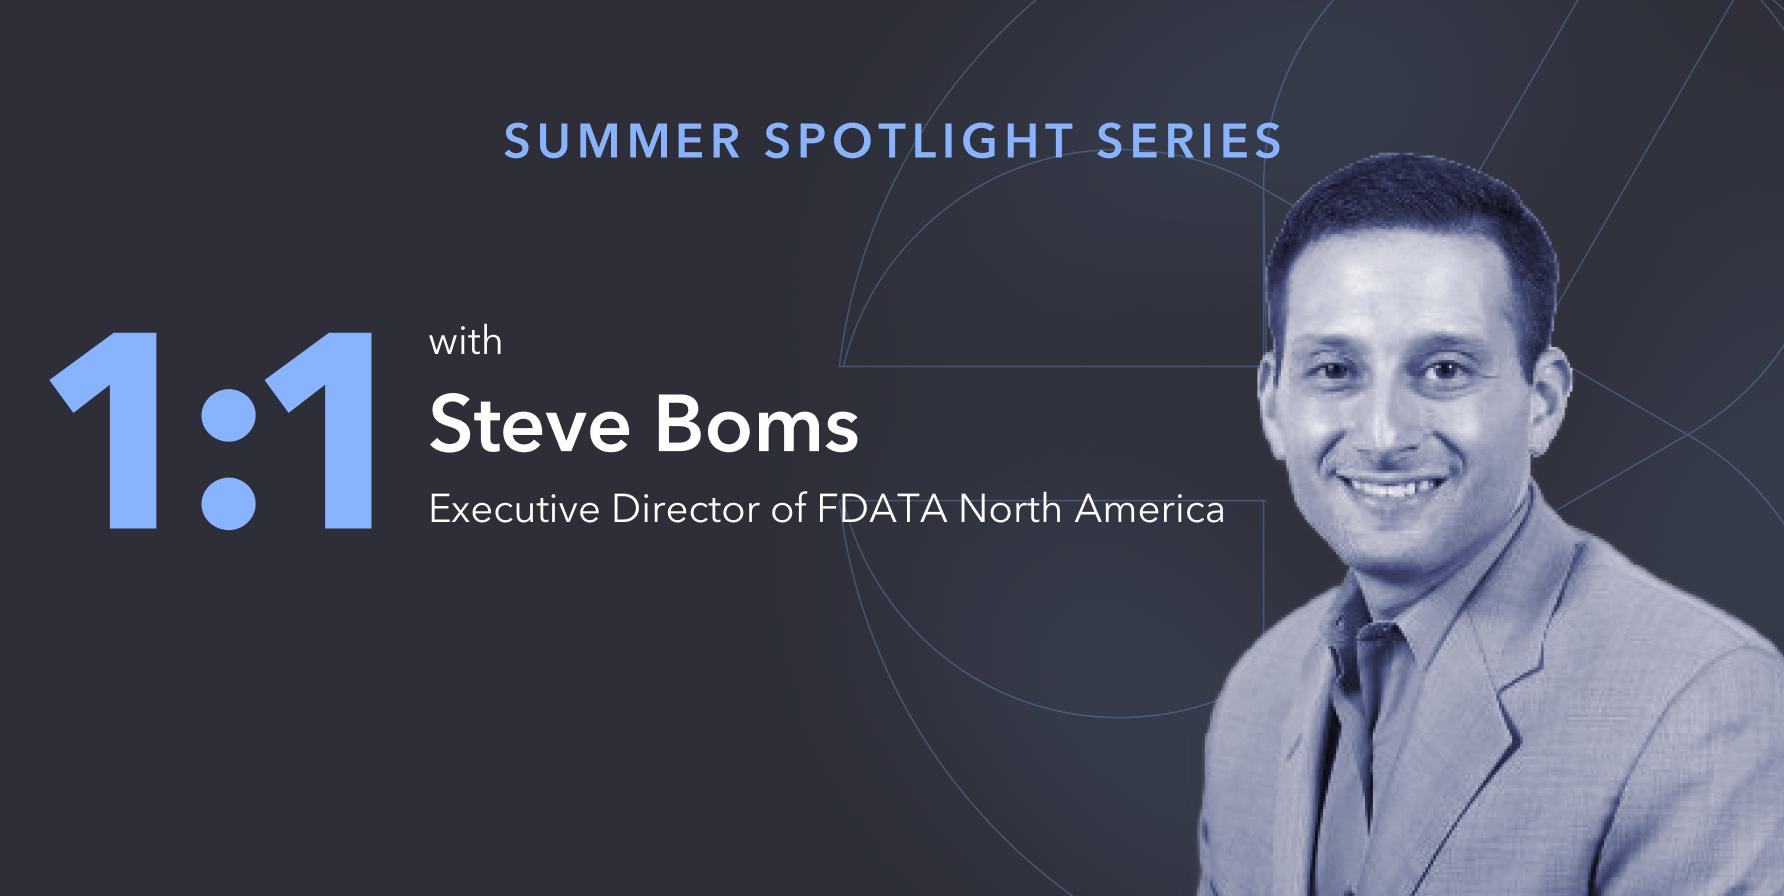 Steve Boms of FDATA